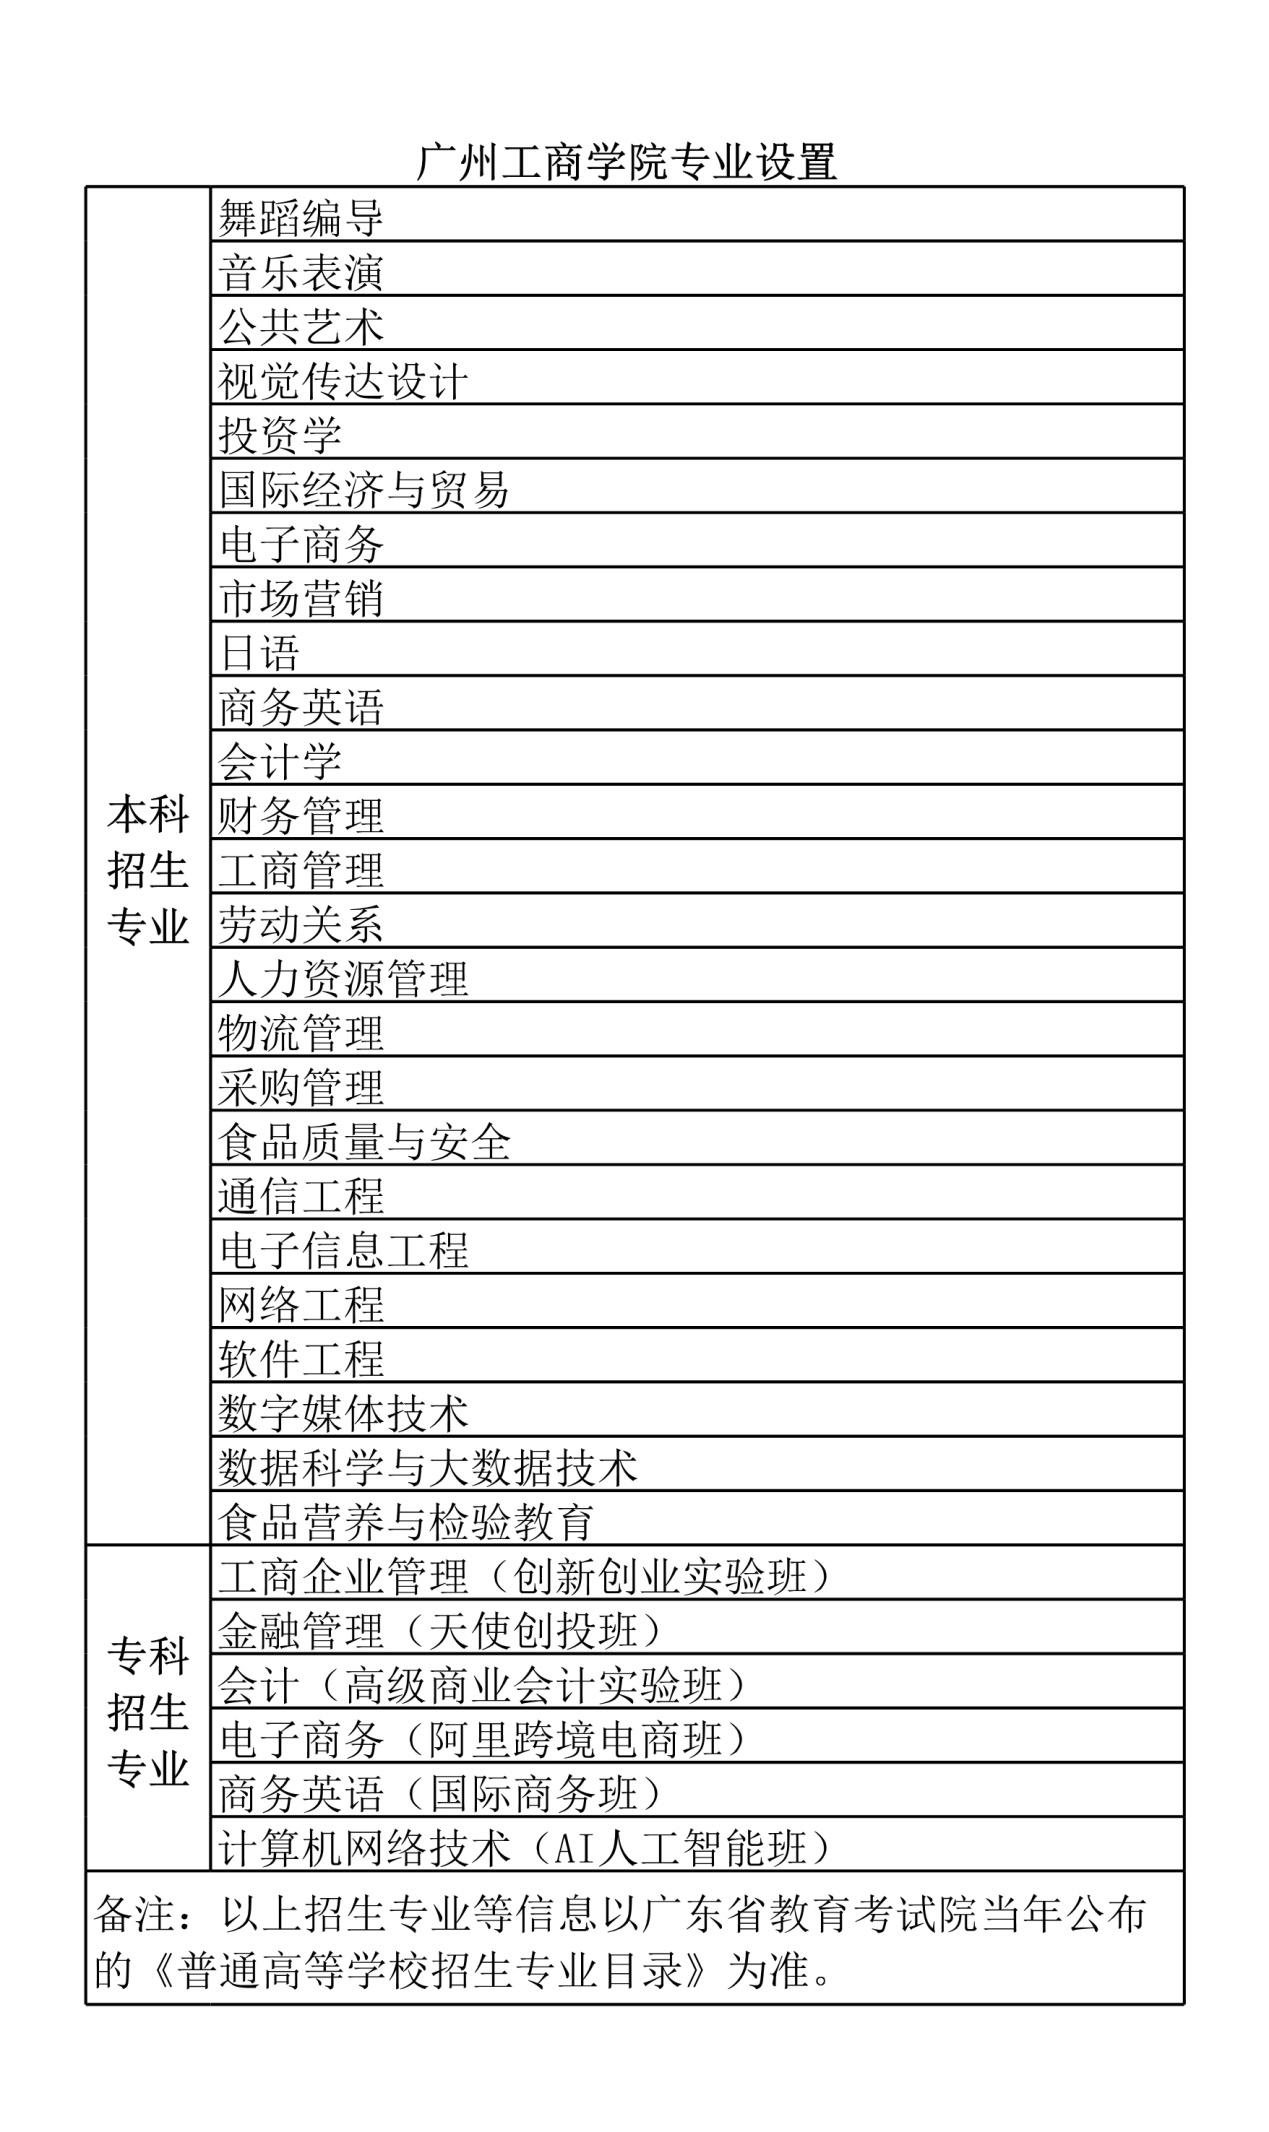 广州工商学院-努力建设成为高水平应用型大学